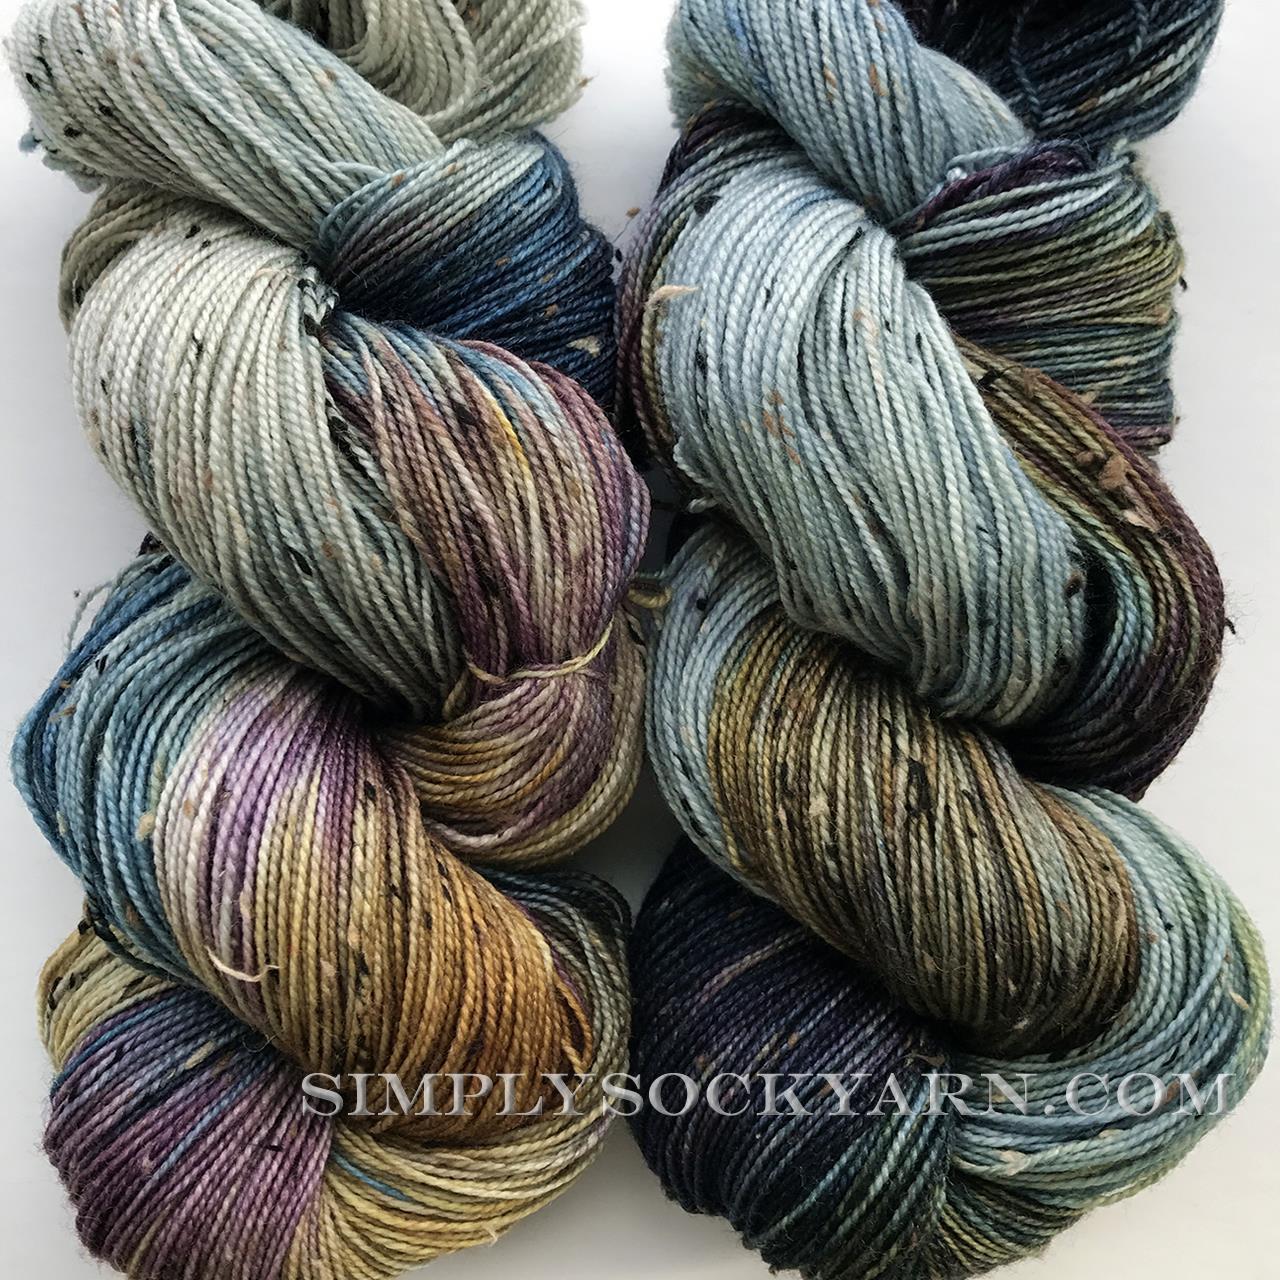 HLoco Tweed Stardust -